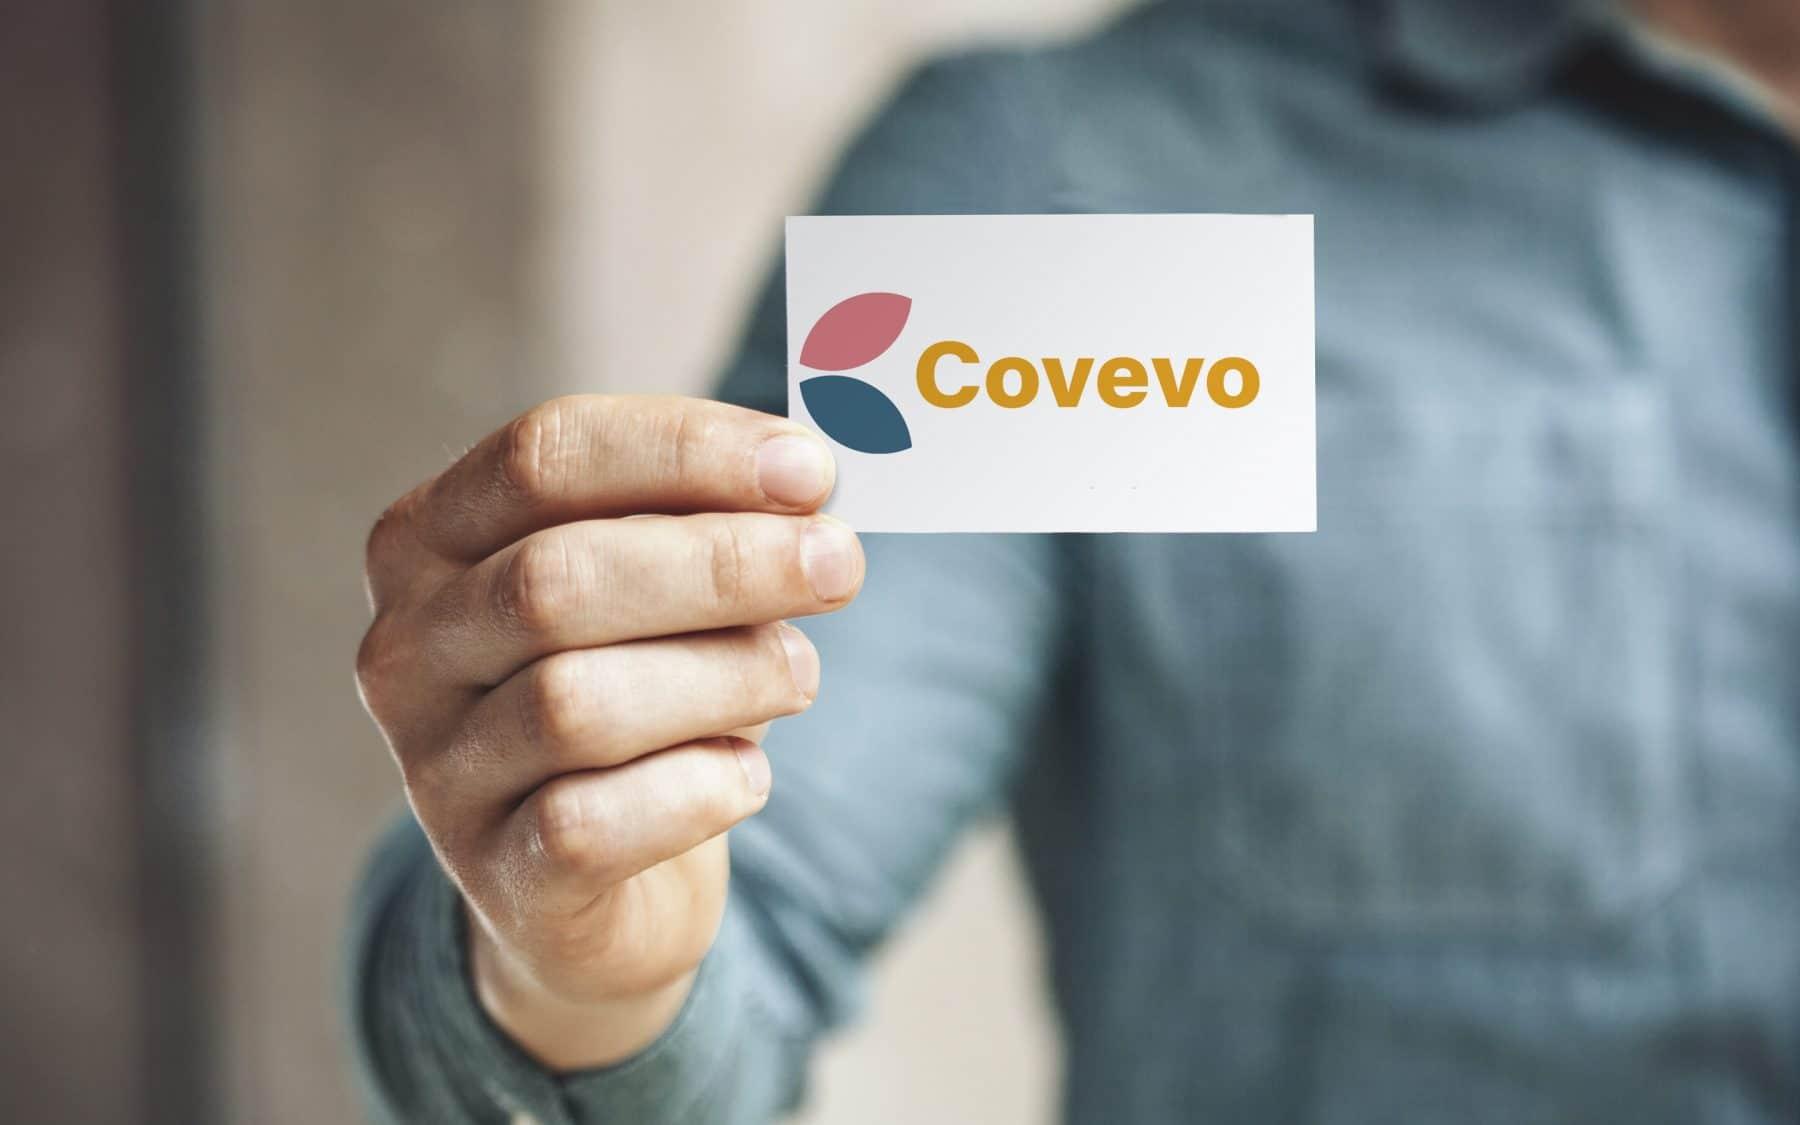 Covevo